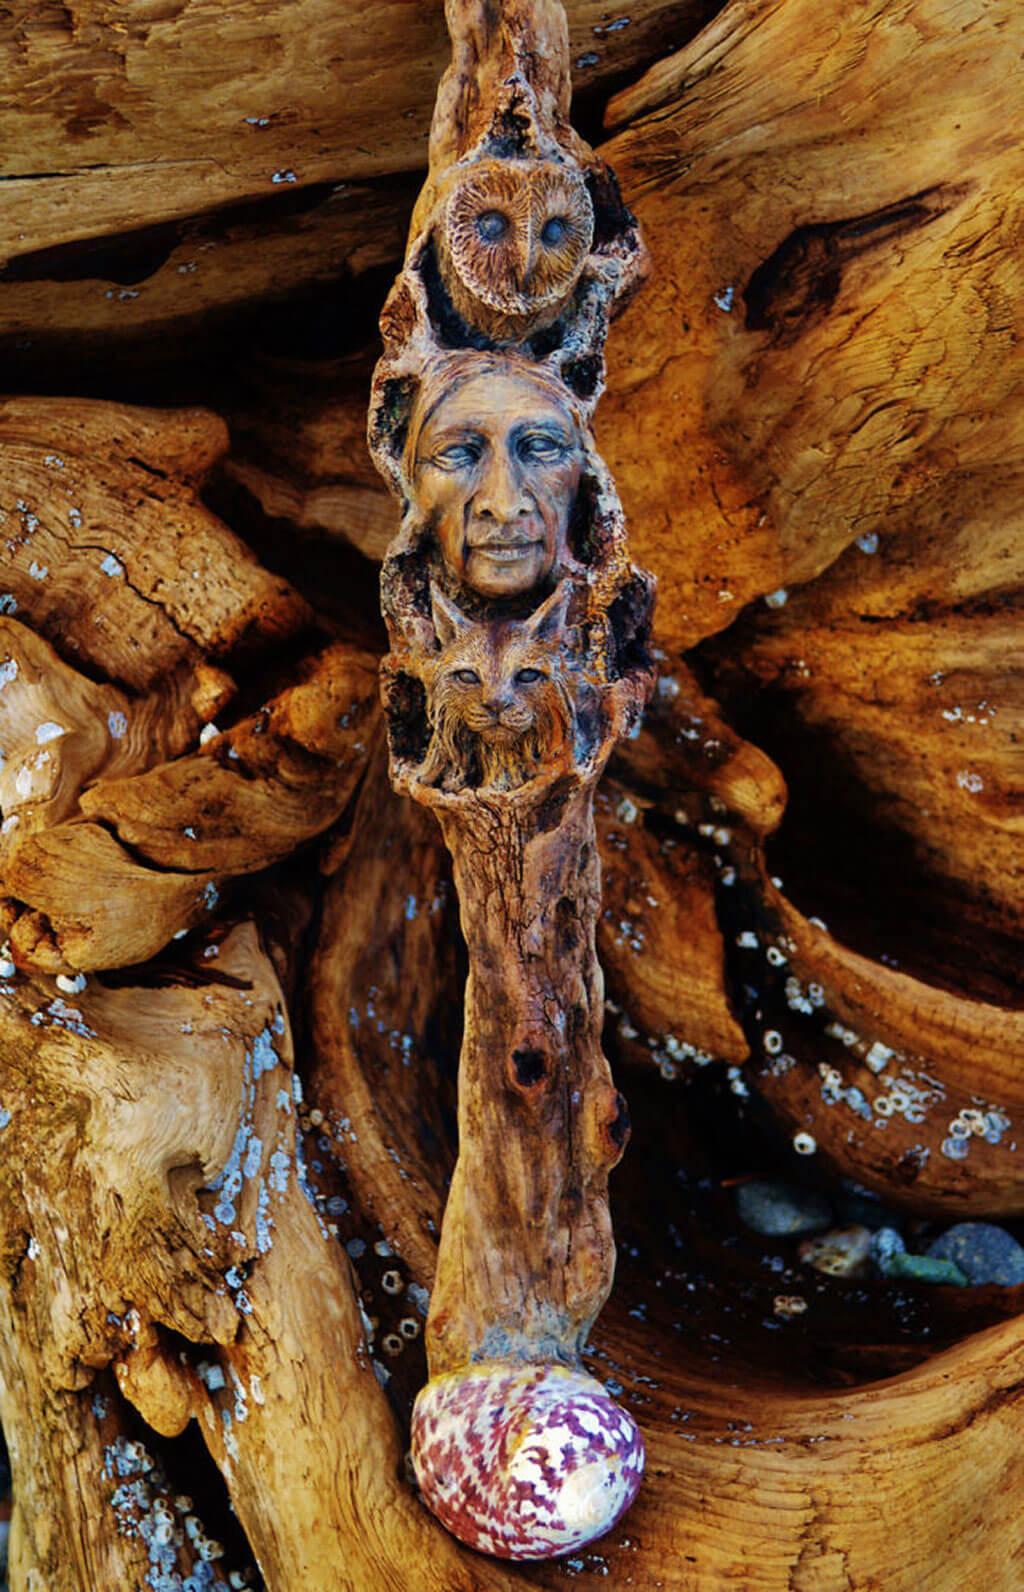 Debra Bernier driftwood sculpture